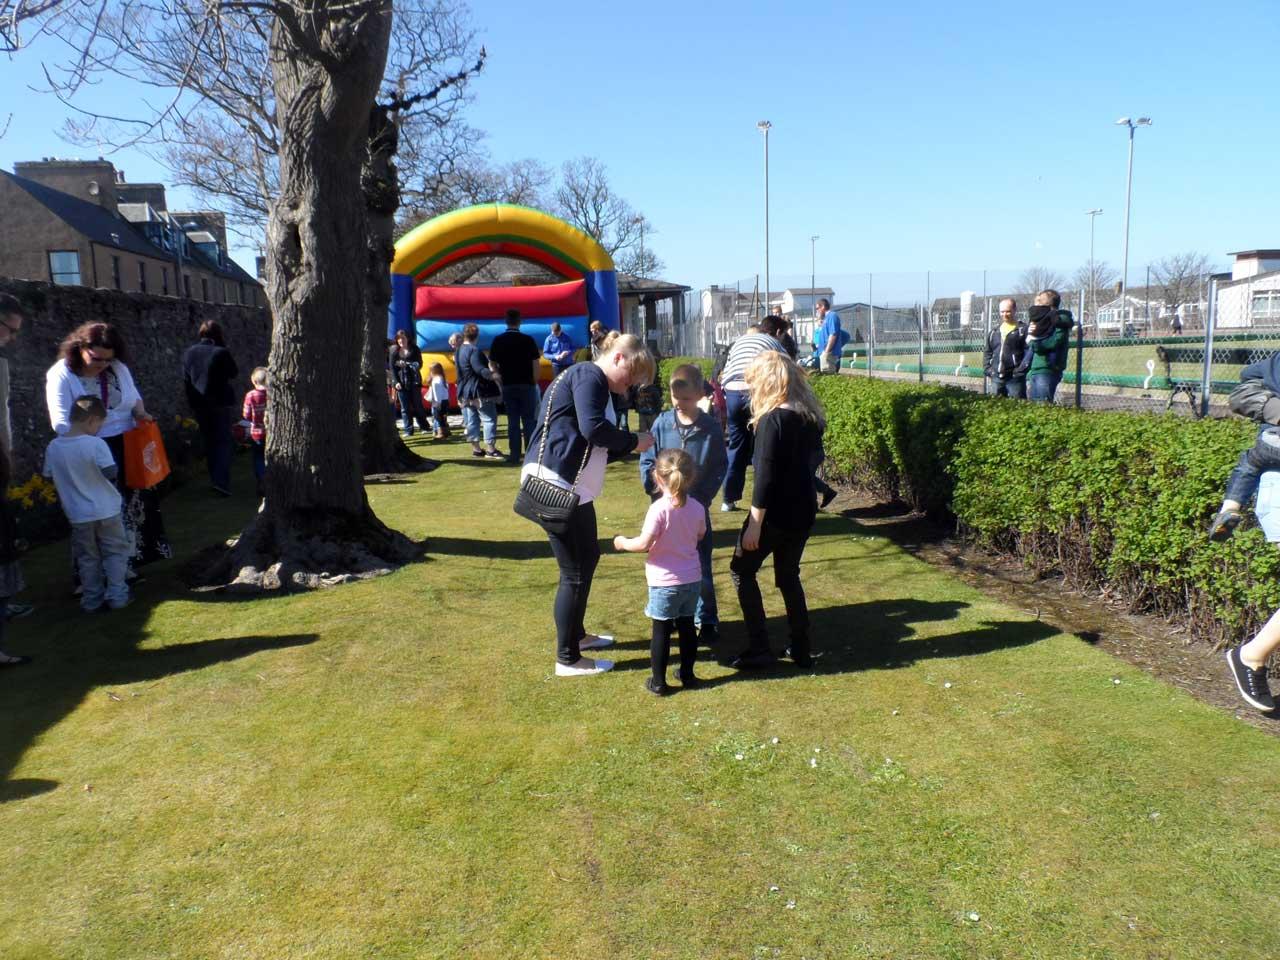 Photo: Easter Egg Hunt At Rosebank Park, Wick